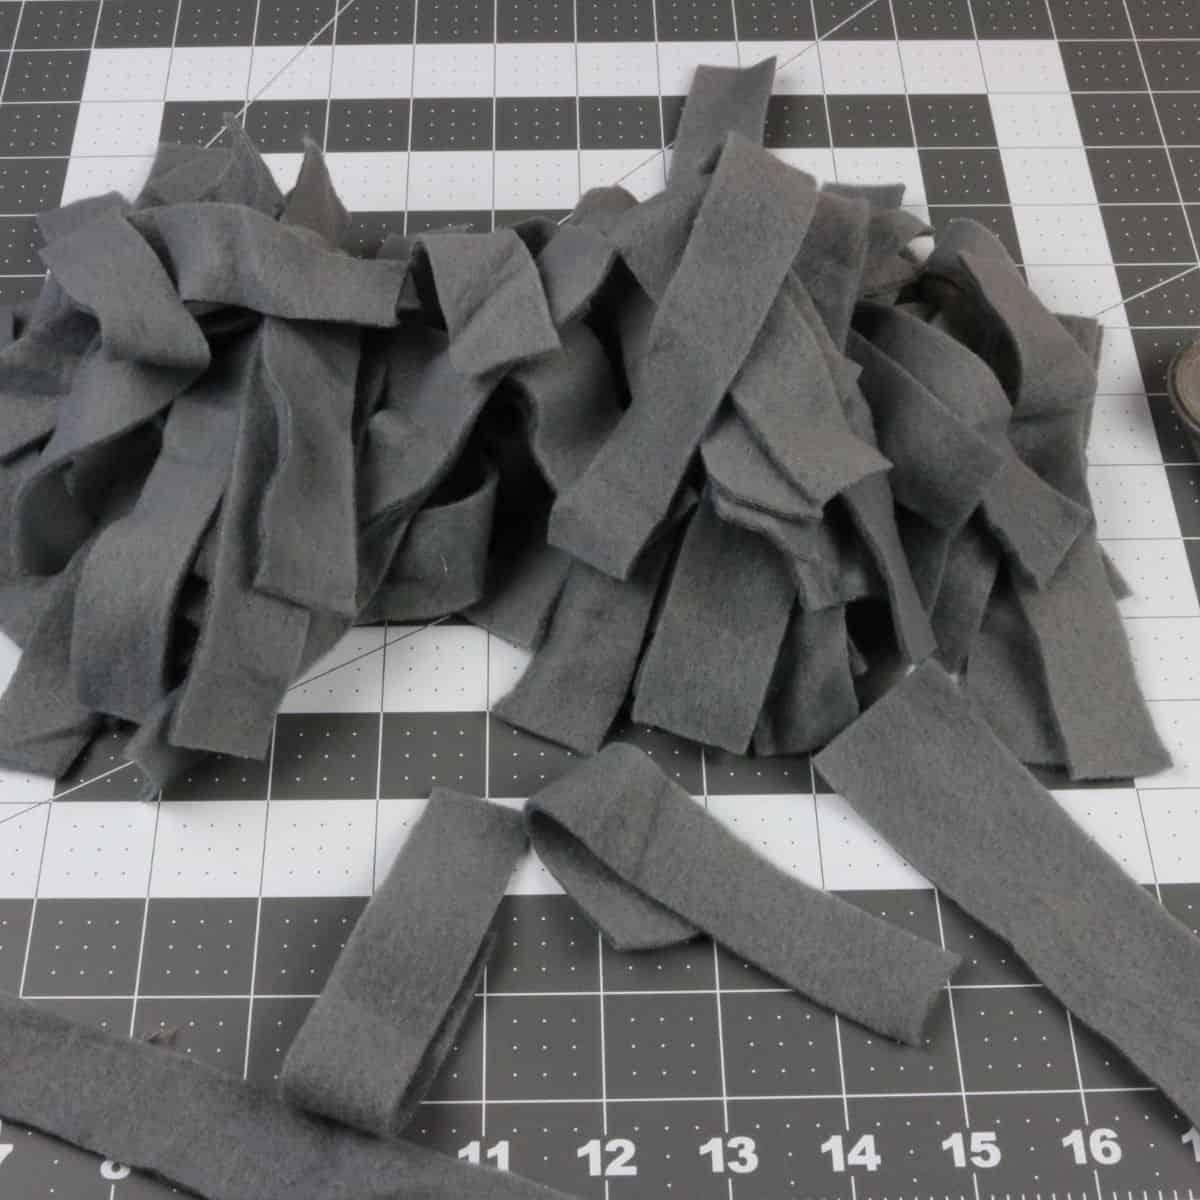 4 snuffle mat